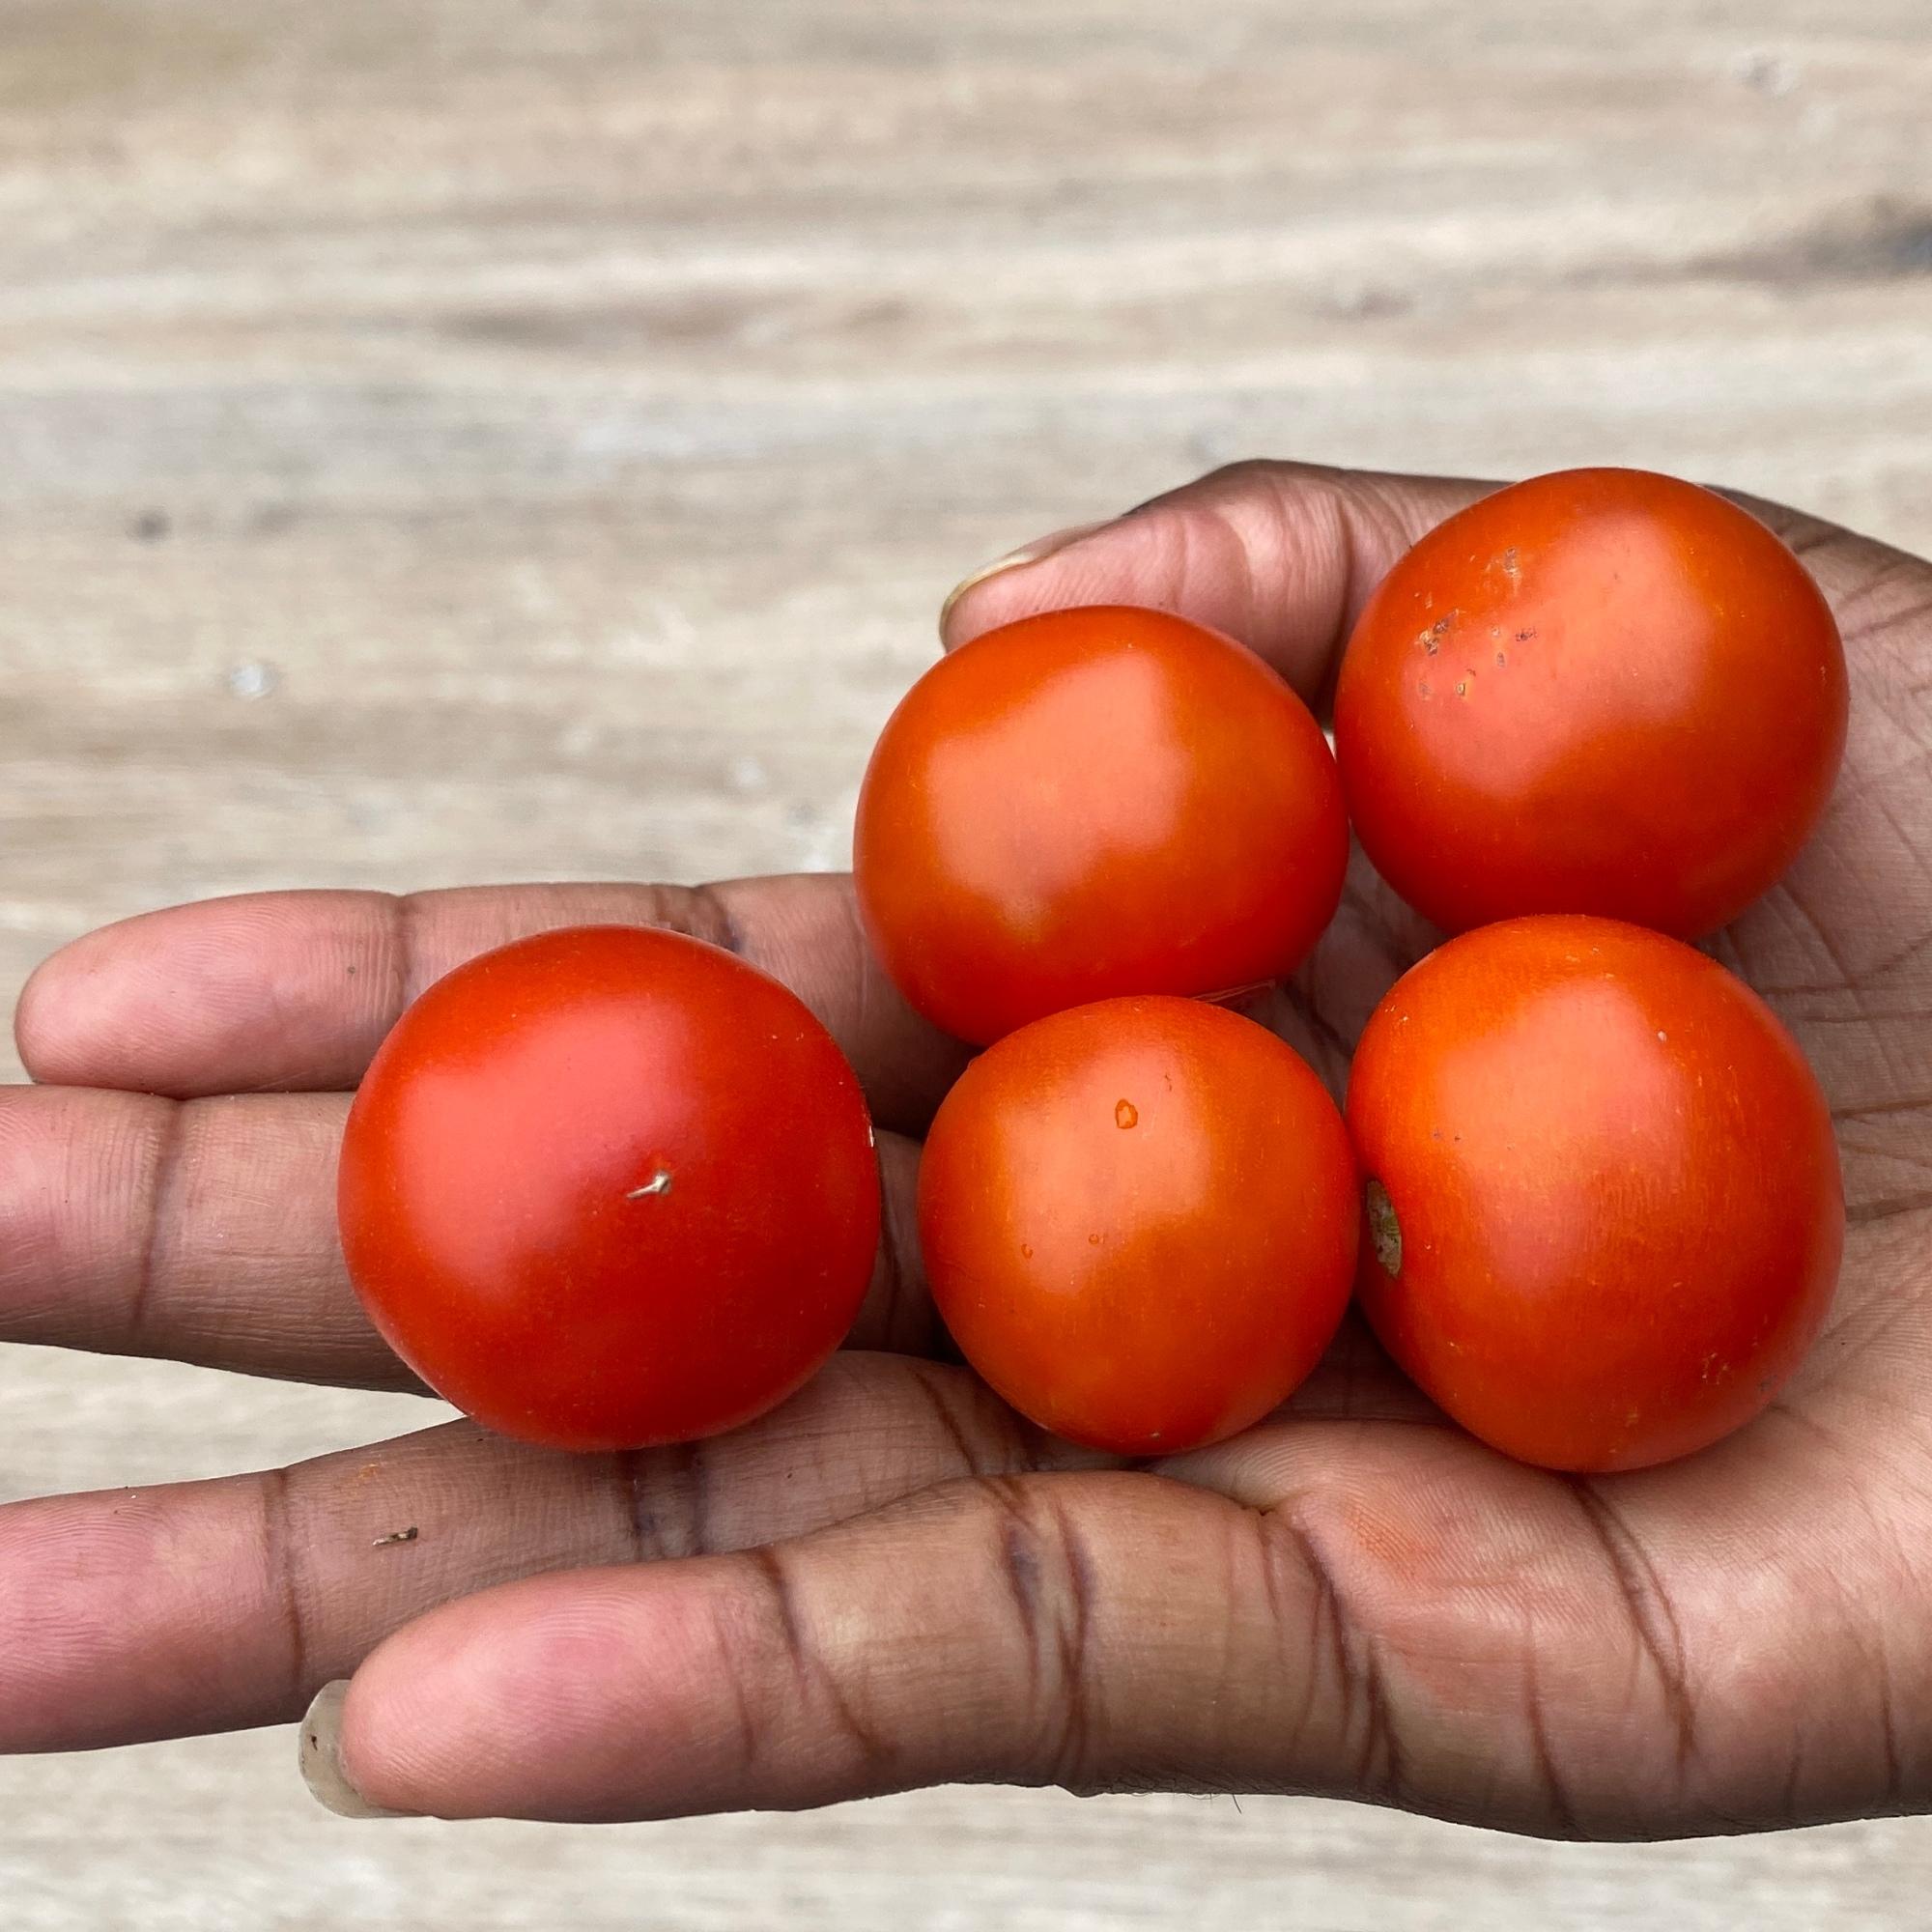 My cherry tomatoes